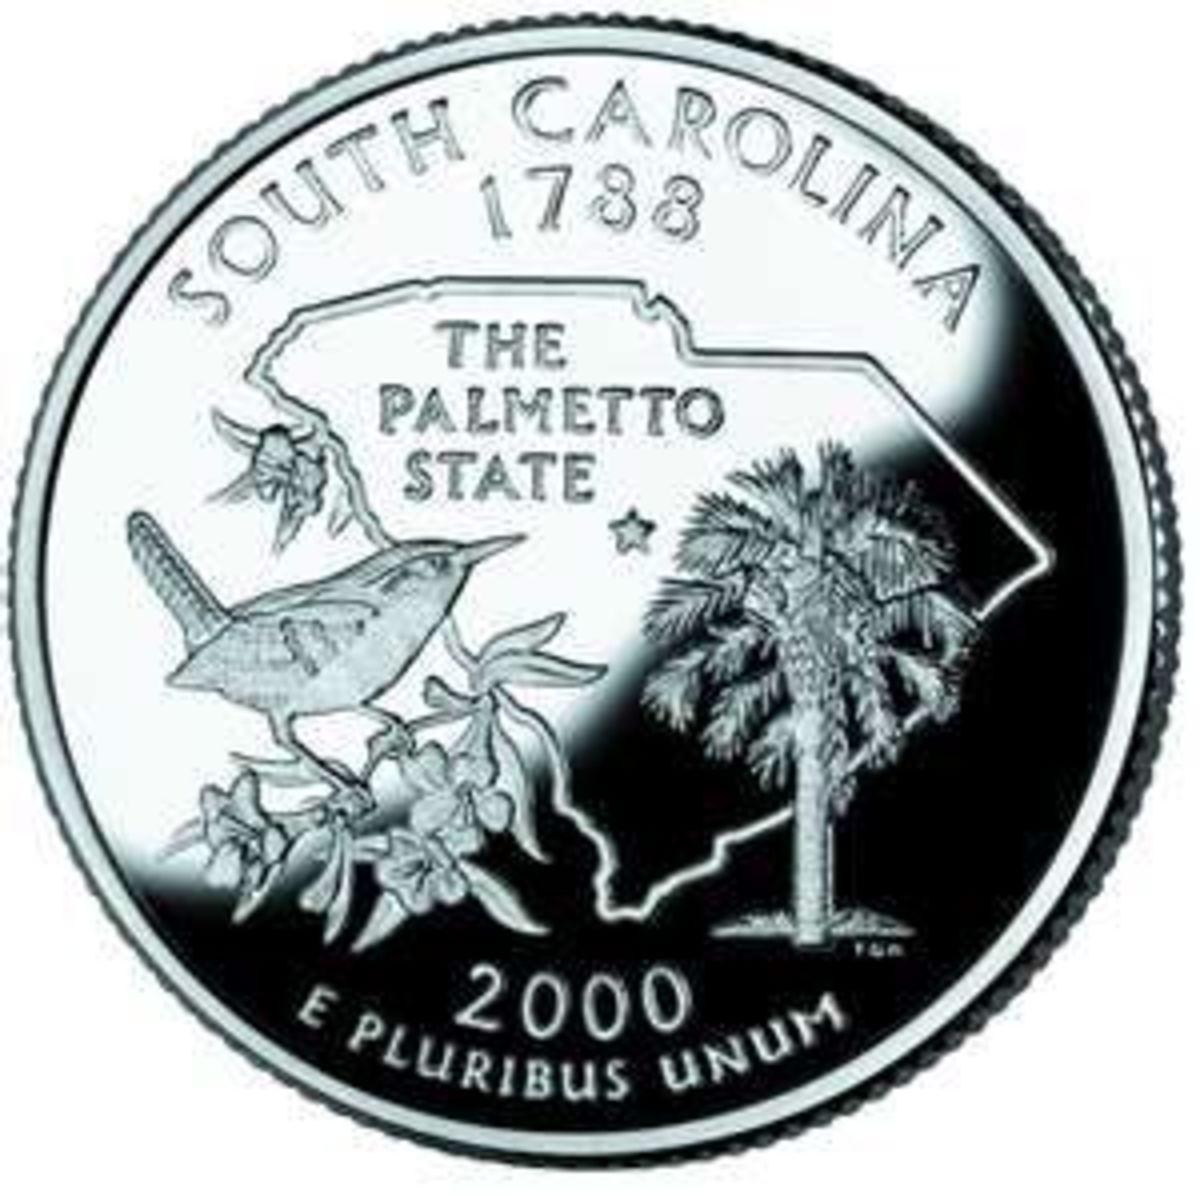 South Carolina's State Quarter